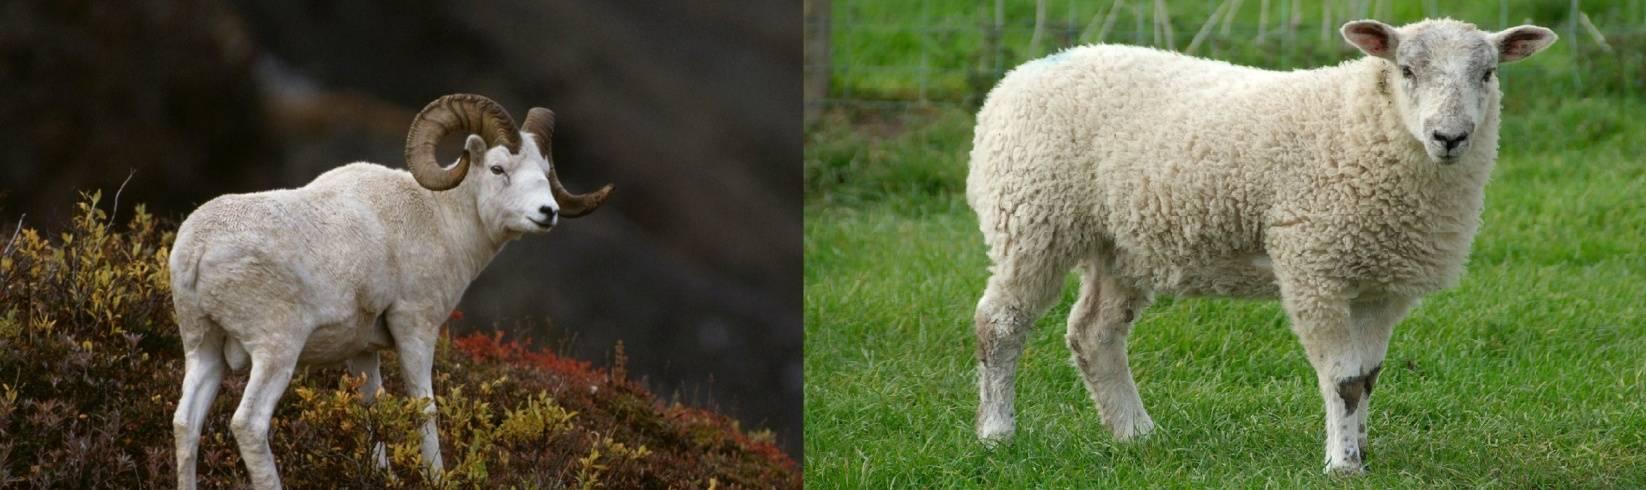 Половой член овца